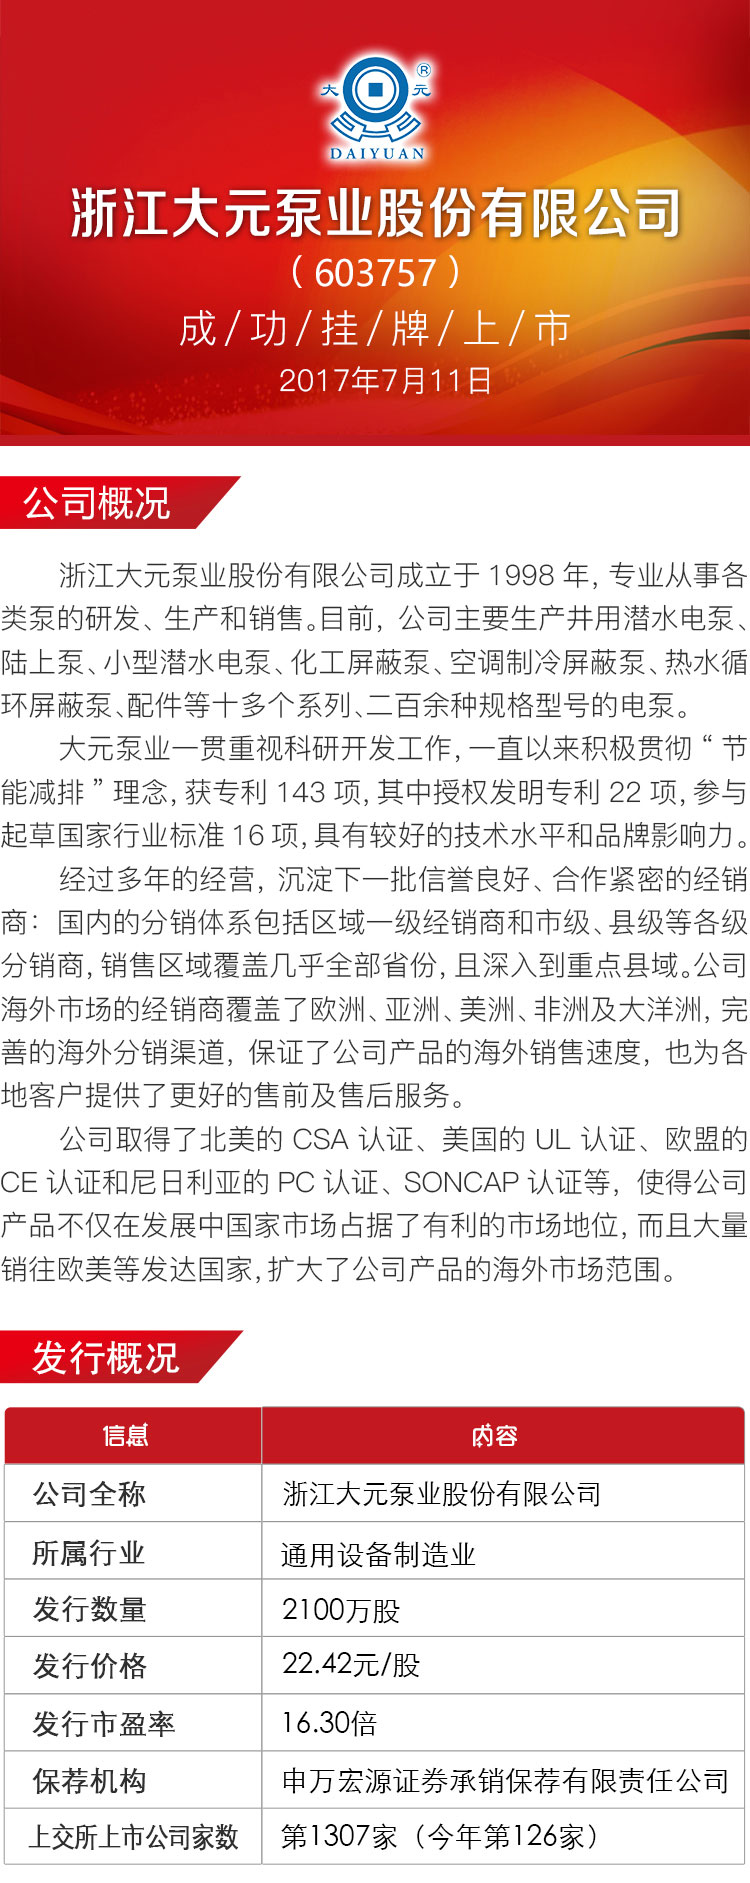 大元-上市海报_01.jpg